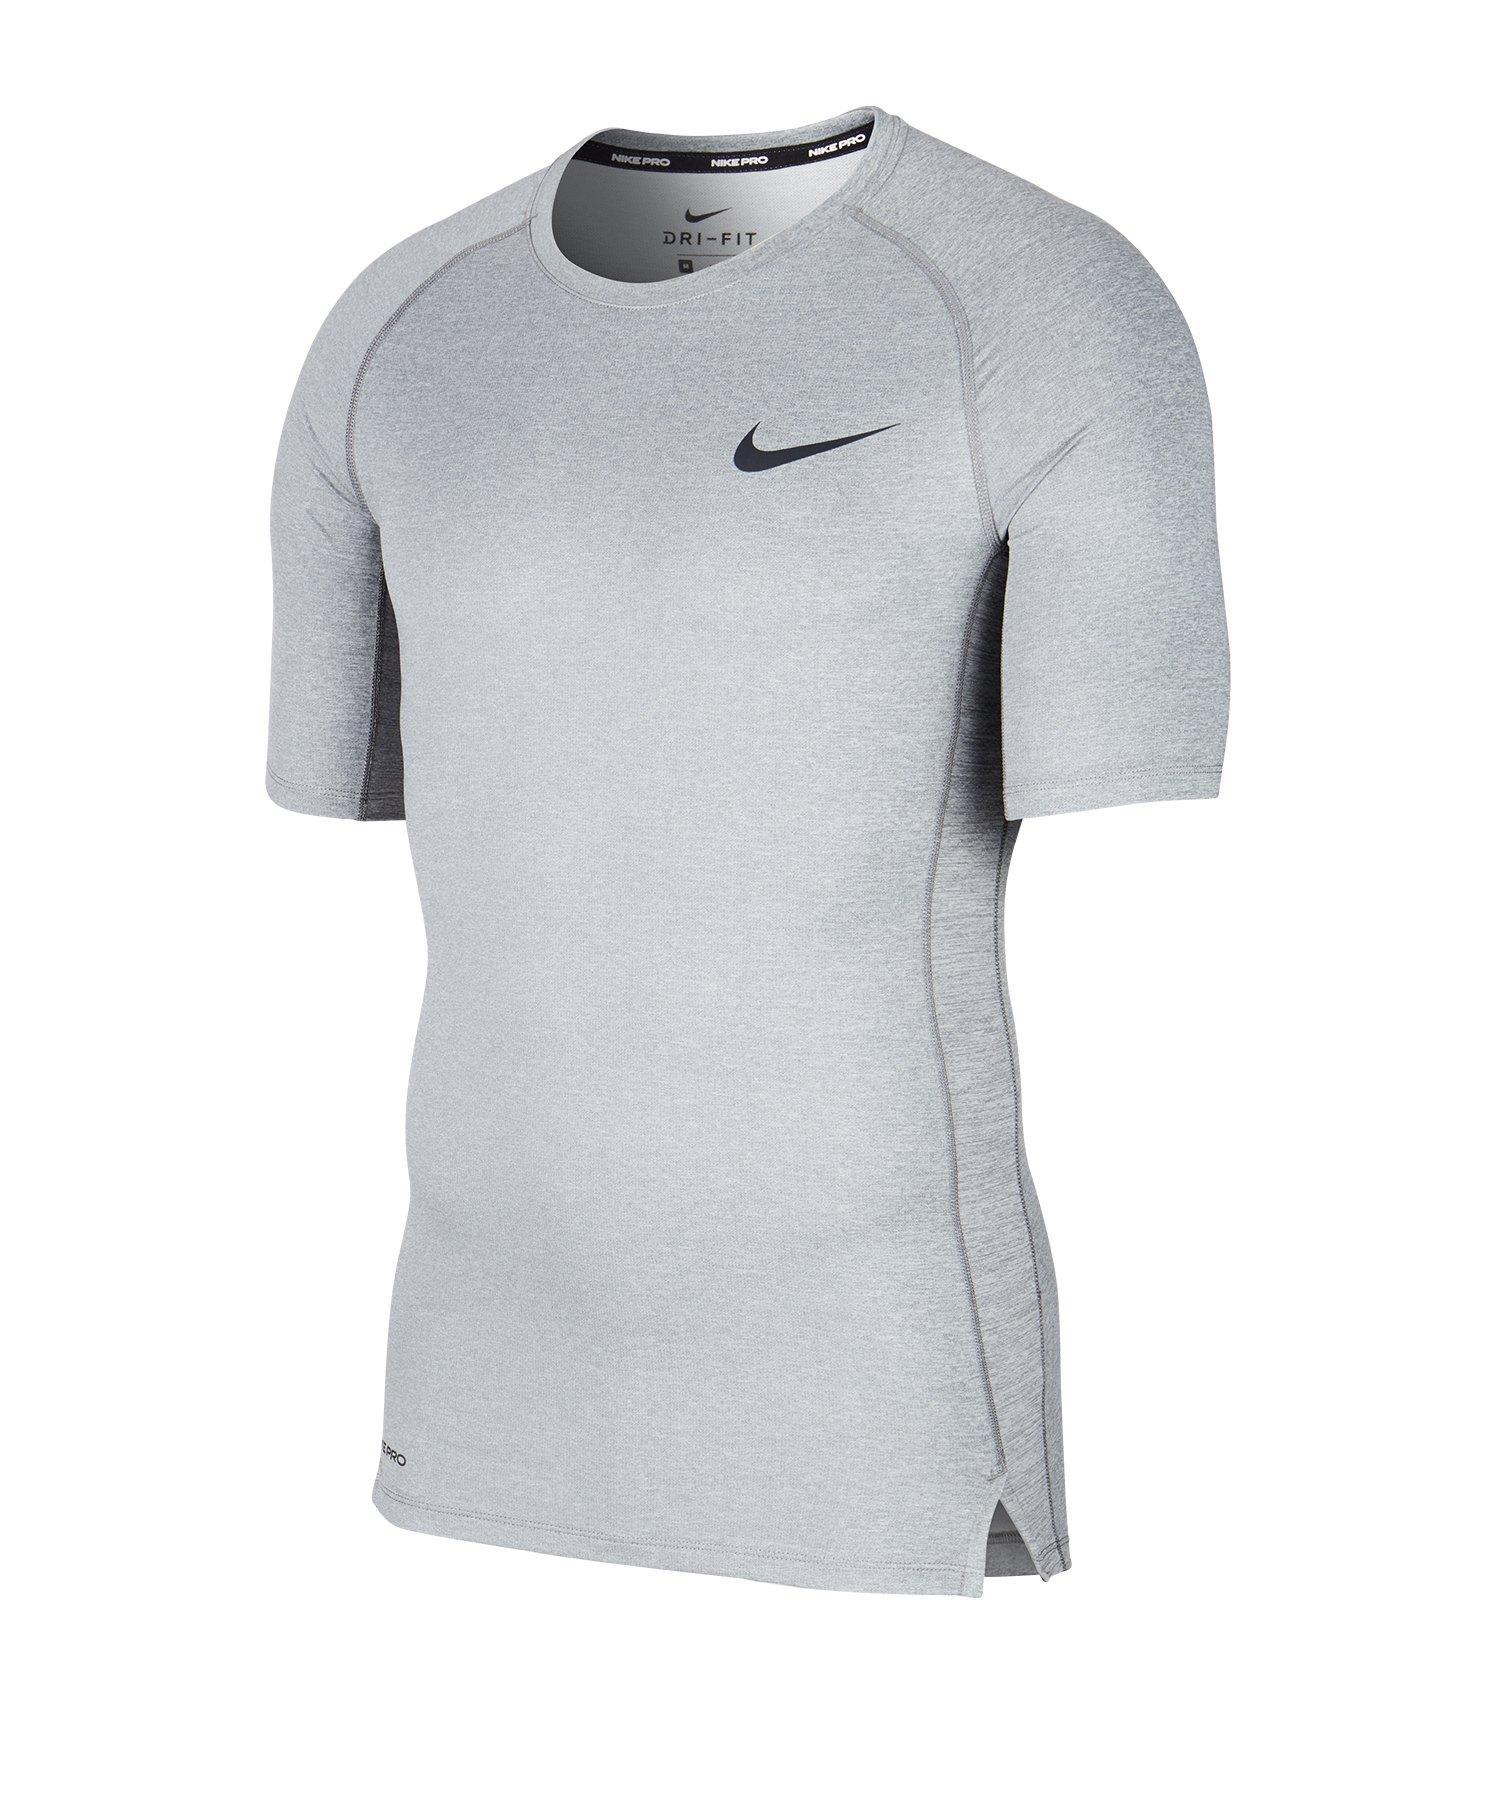 Nike Pro Trainingsshirt kurzarm Grau F085 - grau